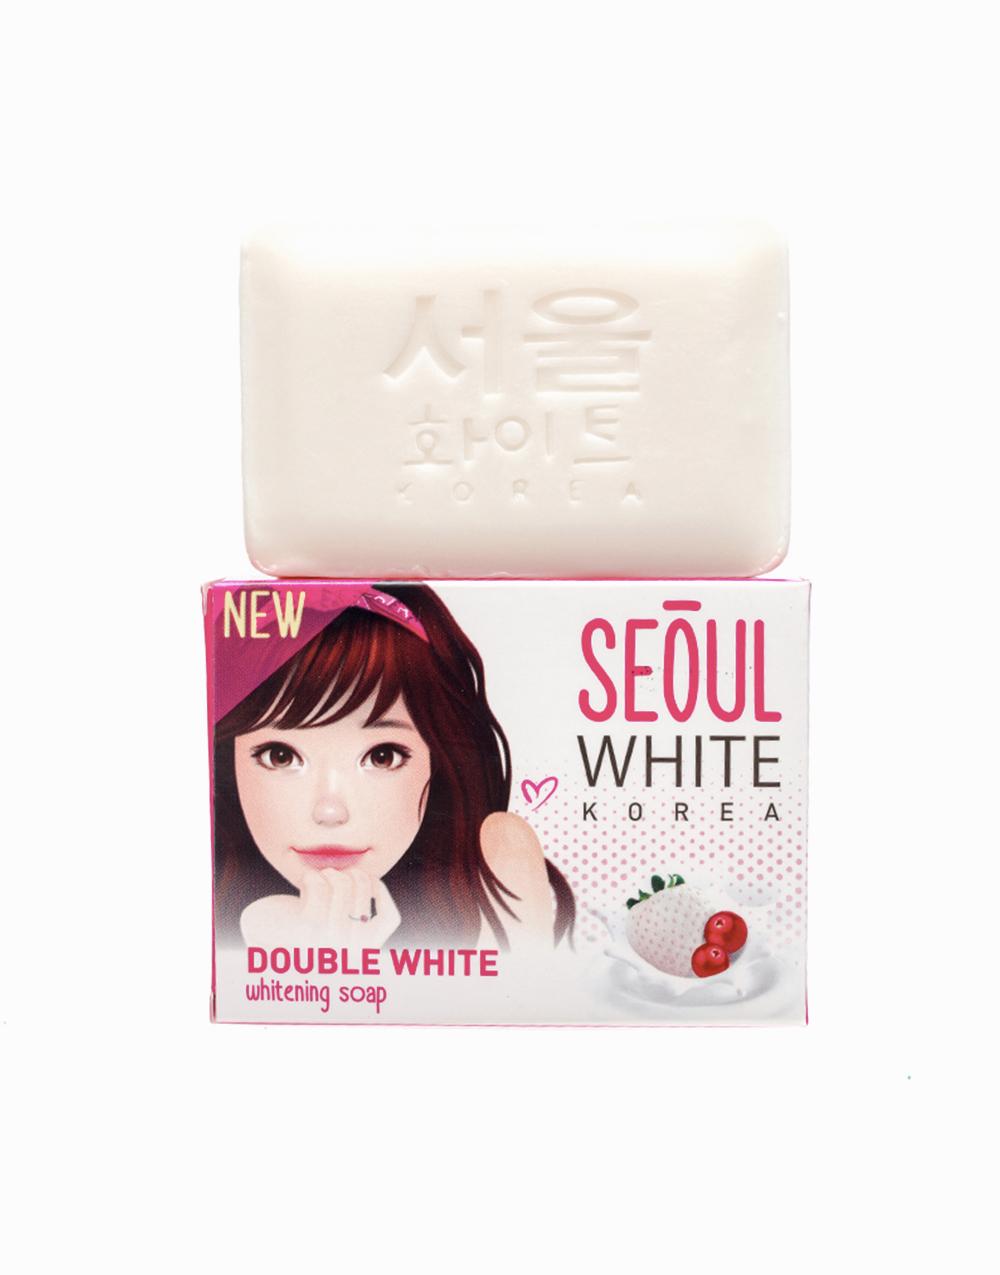 Double White Whitening Soap (90g) by Seoul White Korea